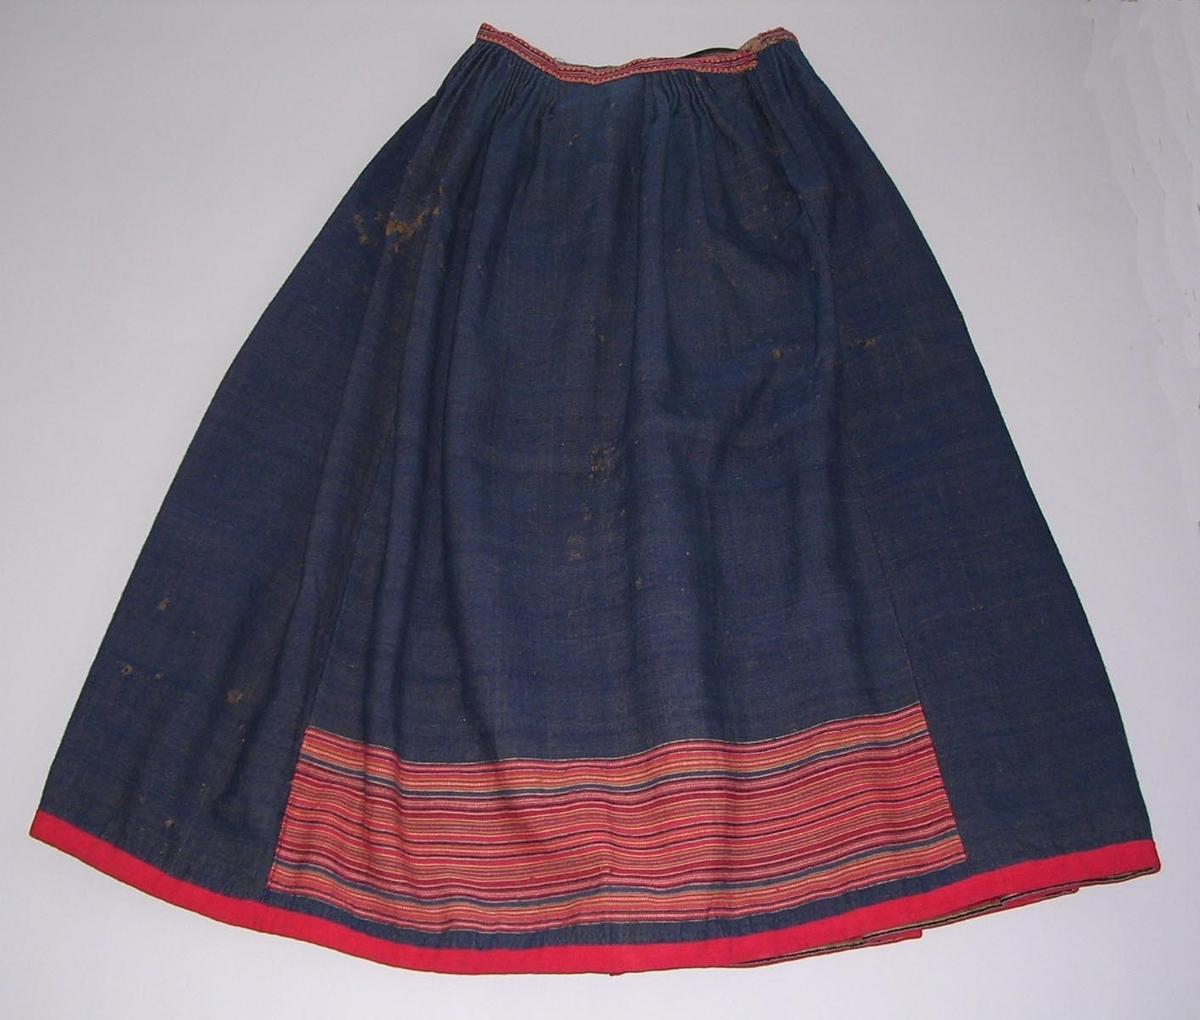 Mörkblå kjol från Toarps socken, Ås härad, Västergötland.  Varp brunt entrådigt lingarn och inslag blått entrådigt ullgarn. Inslagsrips. Handsydd. Kjolen är sydd av fyra våder, 64 cm breda. Framvåd mörkblå förutom ett 14 cm brett parti i nedre delen i rött, blått, grönt och vitt. Upptill tätt lagda veck, knäppta, utom 9 cm mitt fram. Linning, 2 cm brett handvävt  upphämtaband, i rött och mörkblått ullgarn samt blått, grön-beige och vitt bomullsgarn. Linningens insida ett likadant band. I vänster linningskant slutar bandet 5 cm från kanten,. Ett tuskaftsvävt naturfärgat ylletyg sytt på skrådden används till linning på dessa resterande cm.. Knäpps med hyska och hake i mässing Sprund till vänster om mitt våden,  infodring vitt tuskaftsvävt linneband, 8 mm brett. Nedtill 2 cm bred kantning med rött band, tuskaftsvävt, entrådigt ullgarn. Skoning 2,8 cm brett ripsband, rött, mörkblått och grönt ullgarn samt blått och gult bomullsgarn.